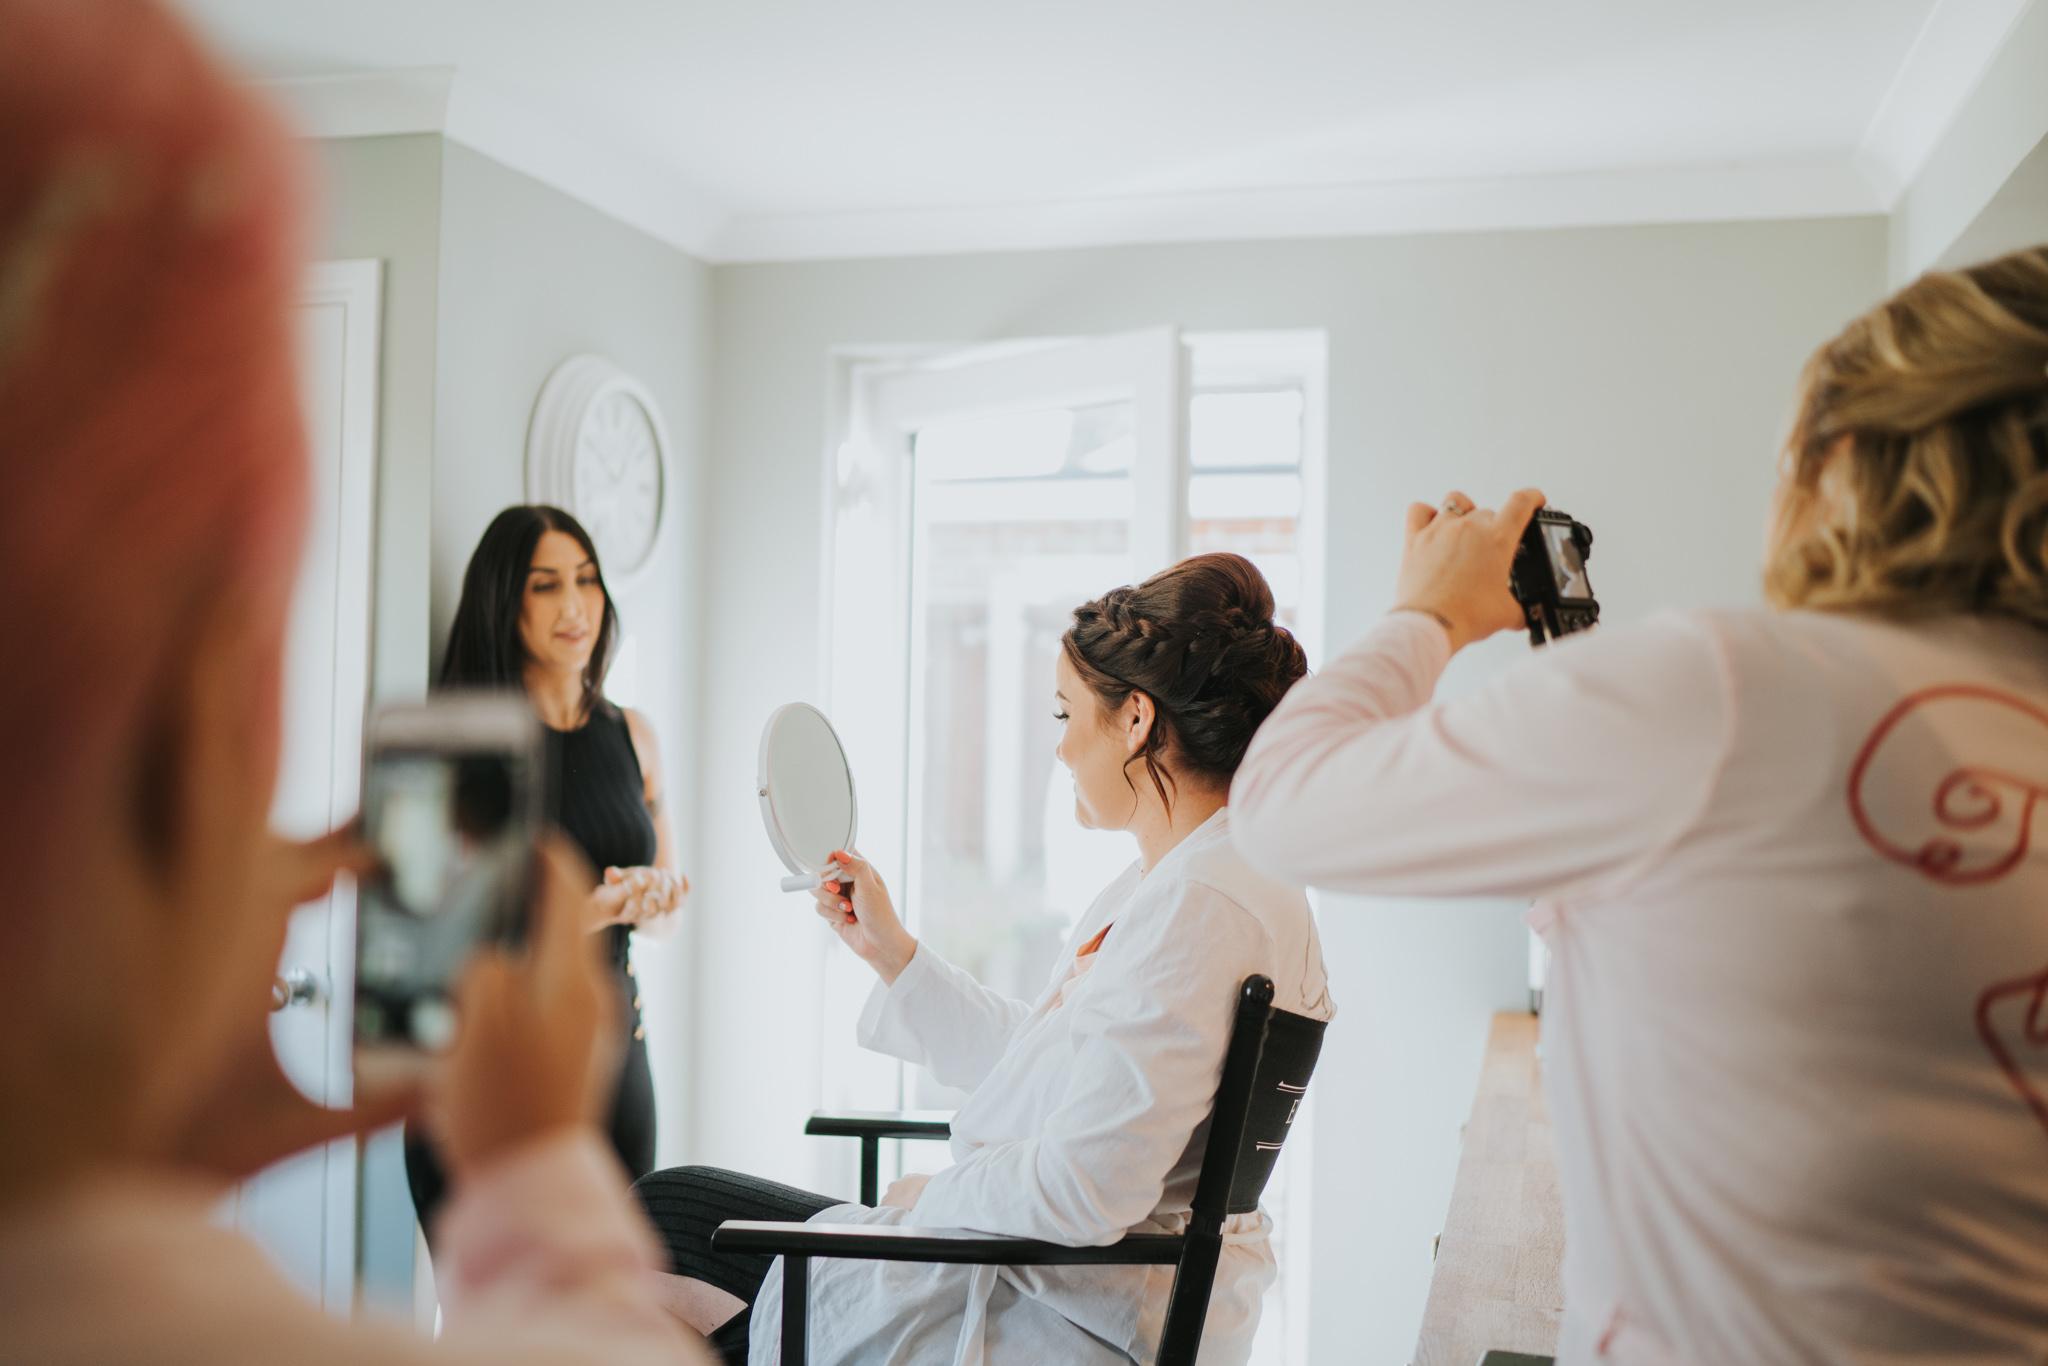 Joe-Tiffany-Colchester-Castle-Wedding-Essex-Grace-Elizabeth-Colchester-Essex-Alternative-Wedding-Photographer-Suffolk-Norfolk-Devon (4 of 122).jpg